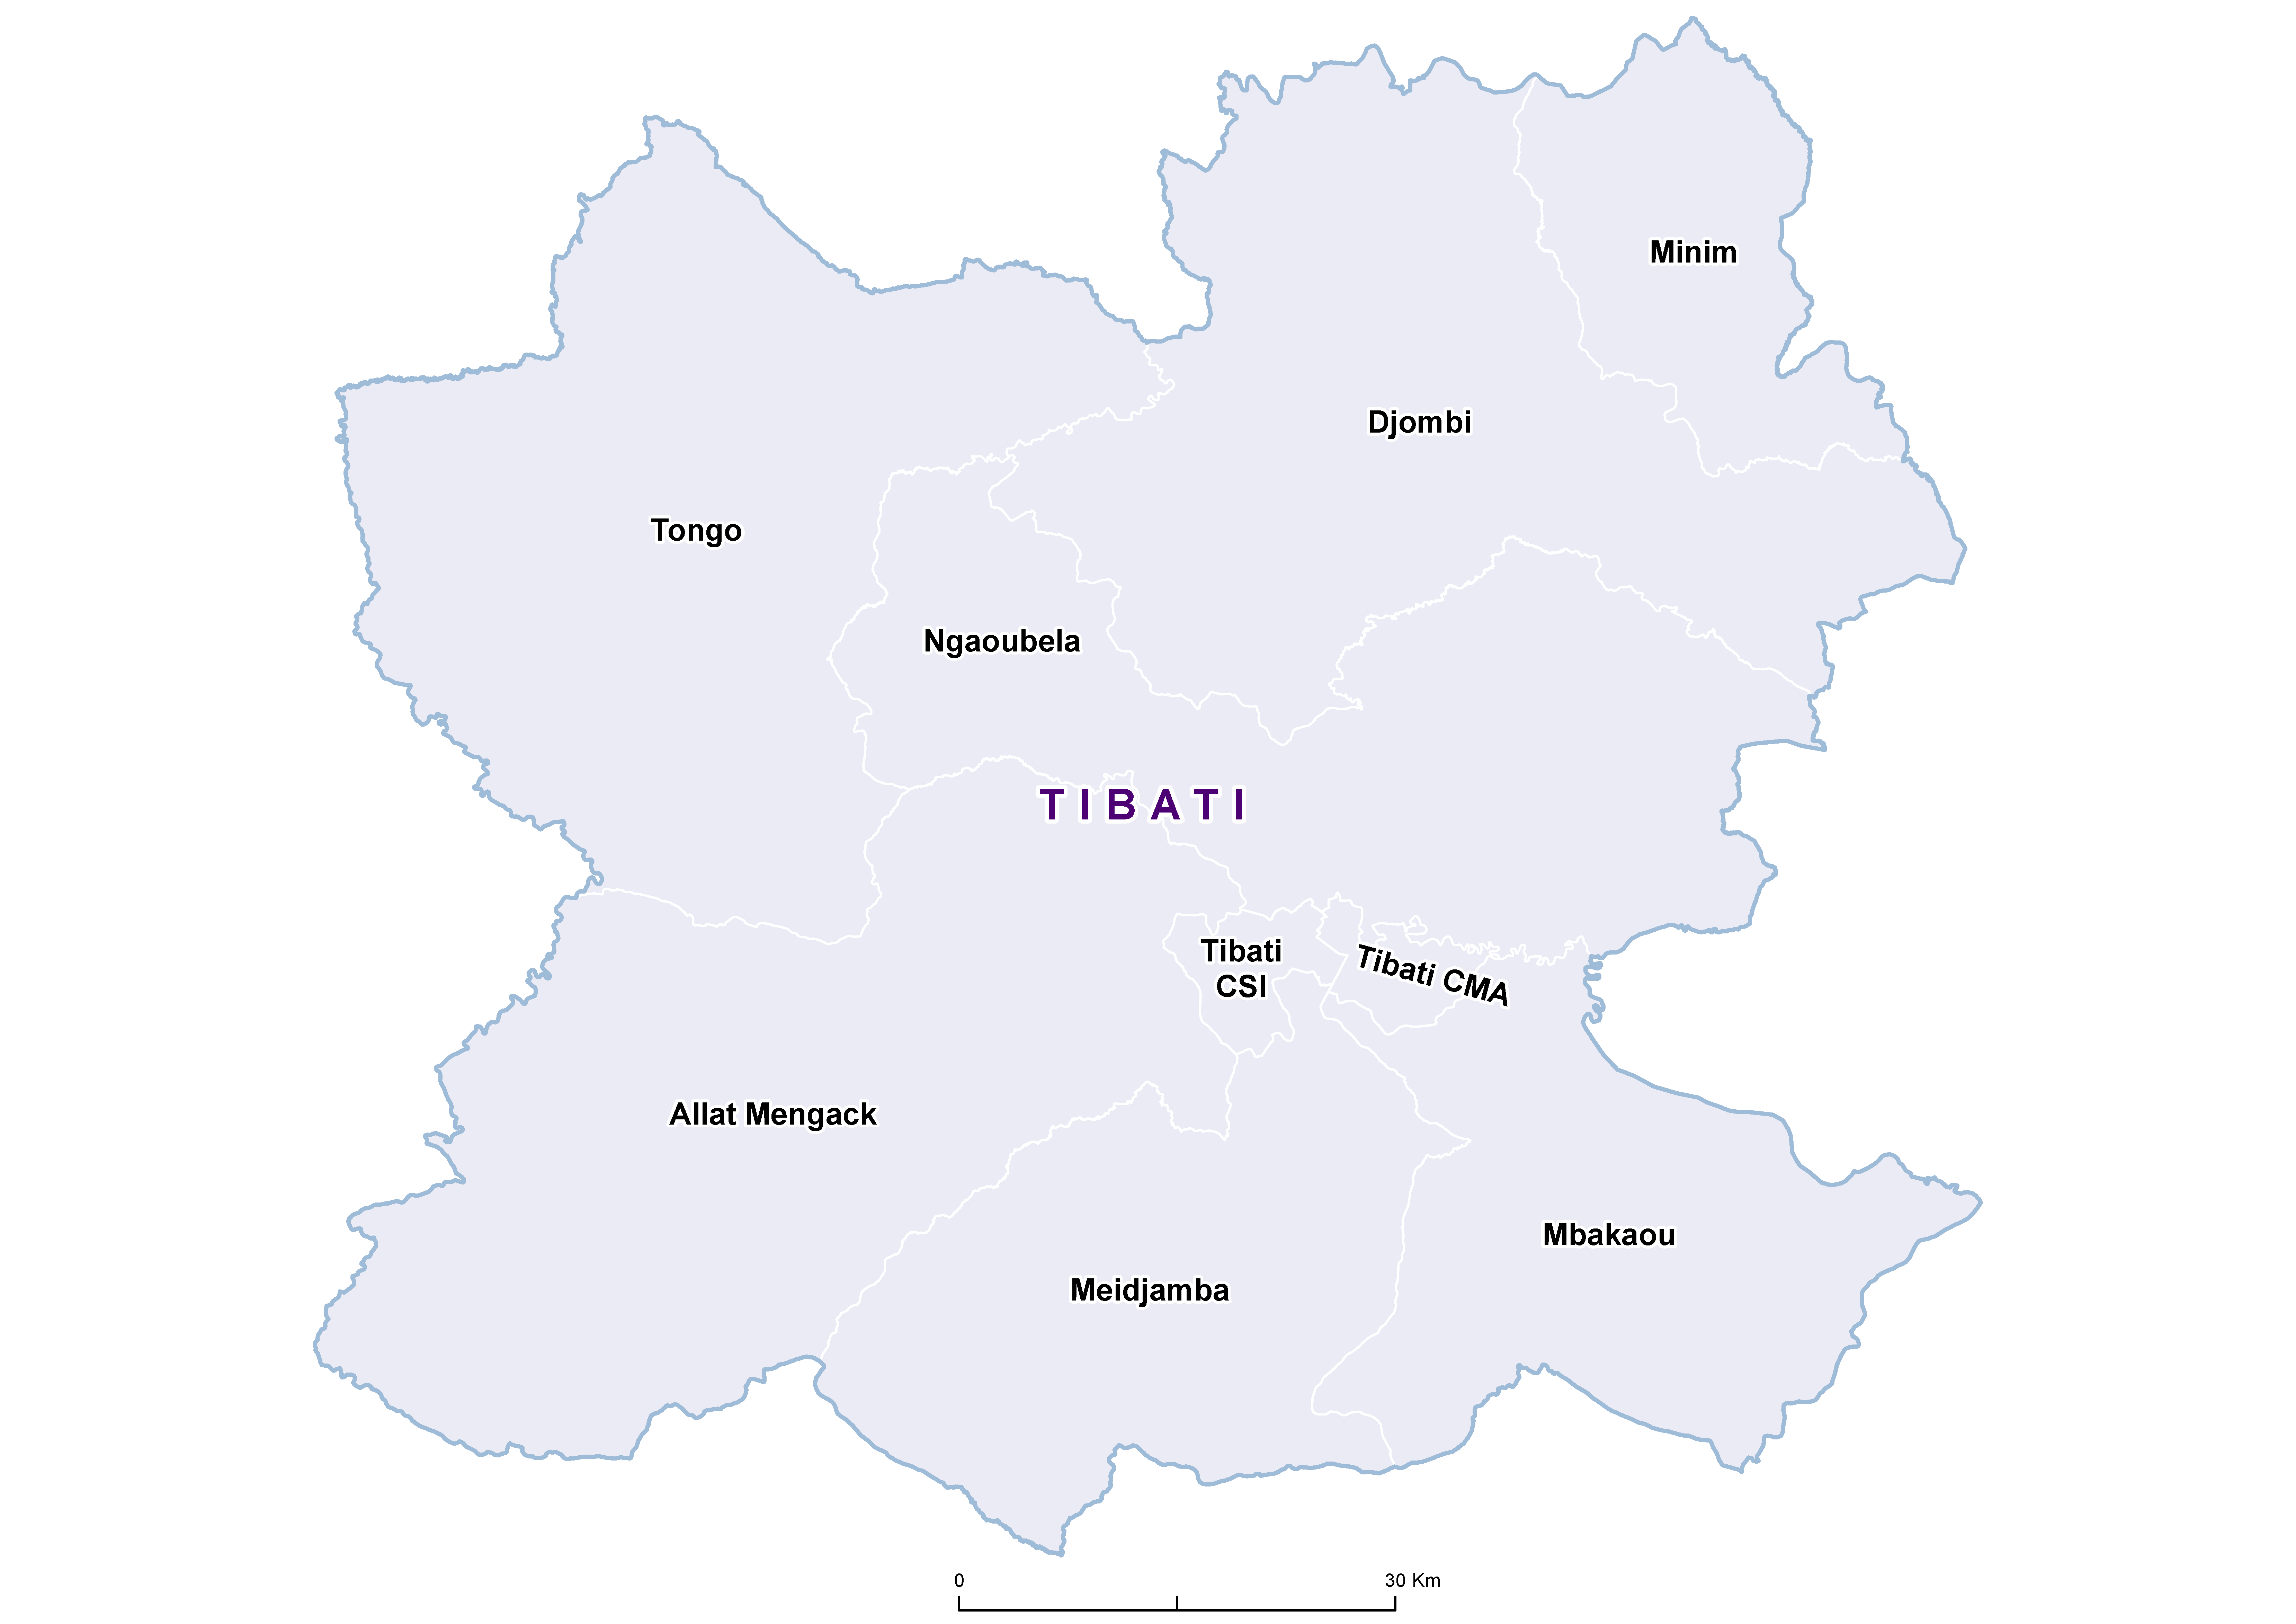 Tibati STH 20180001